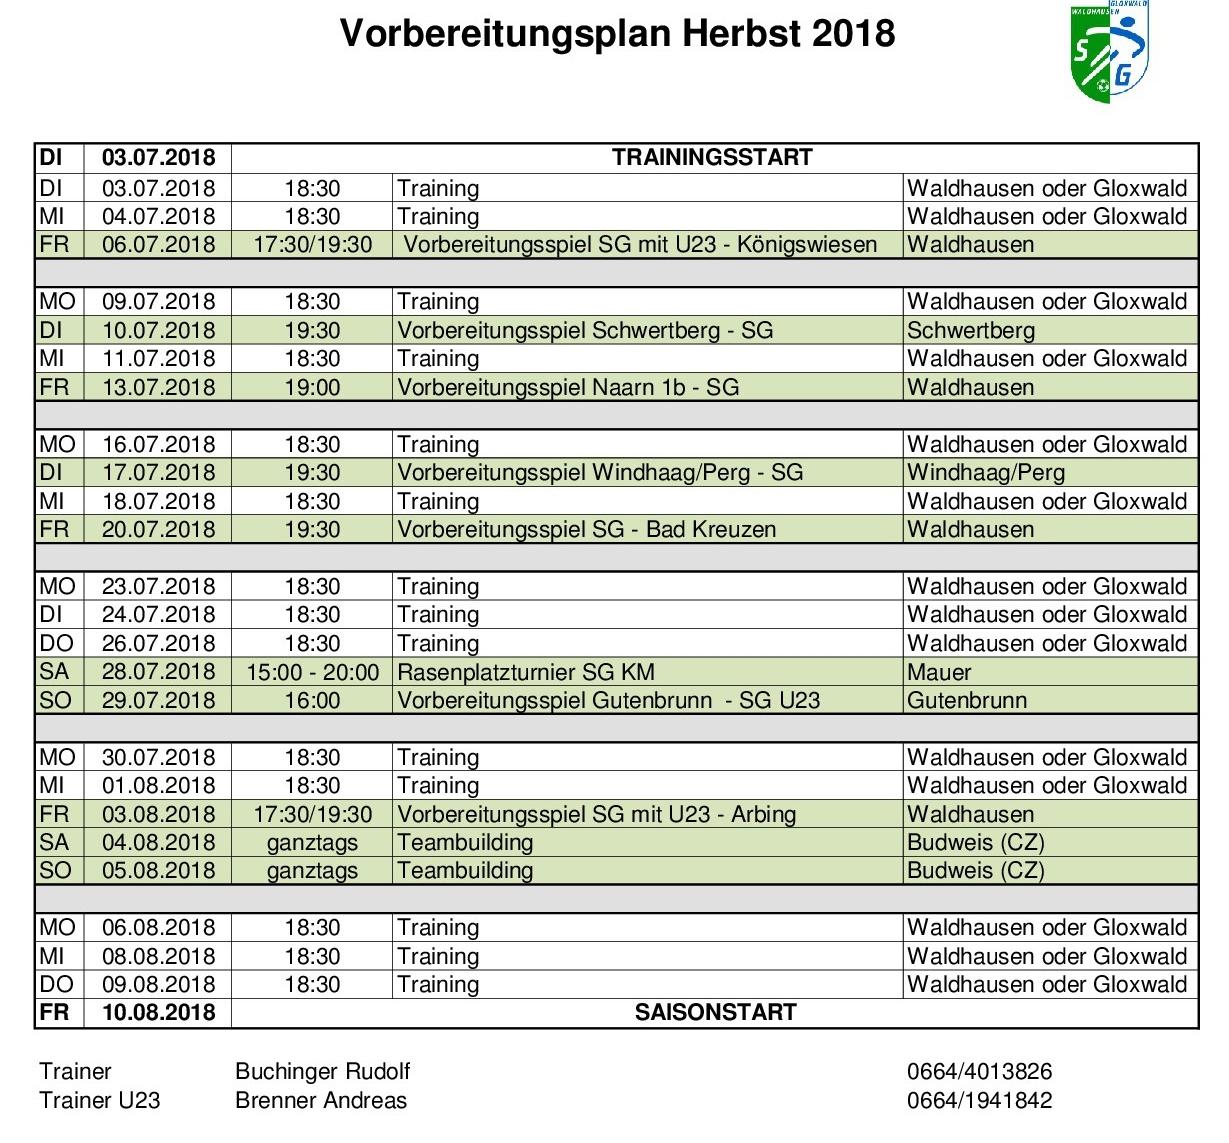 Vorbereitungsplan Herbst 2018_Neu2